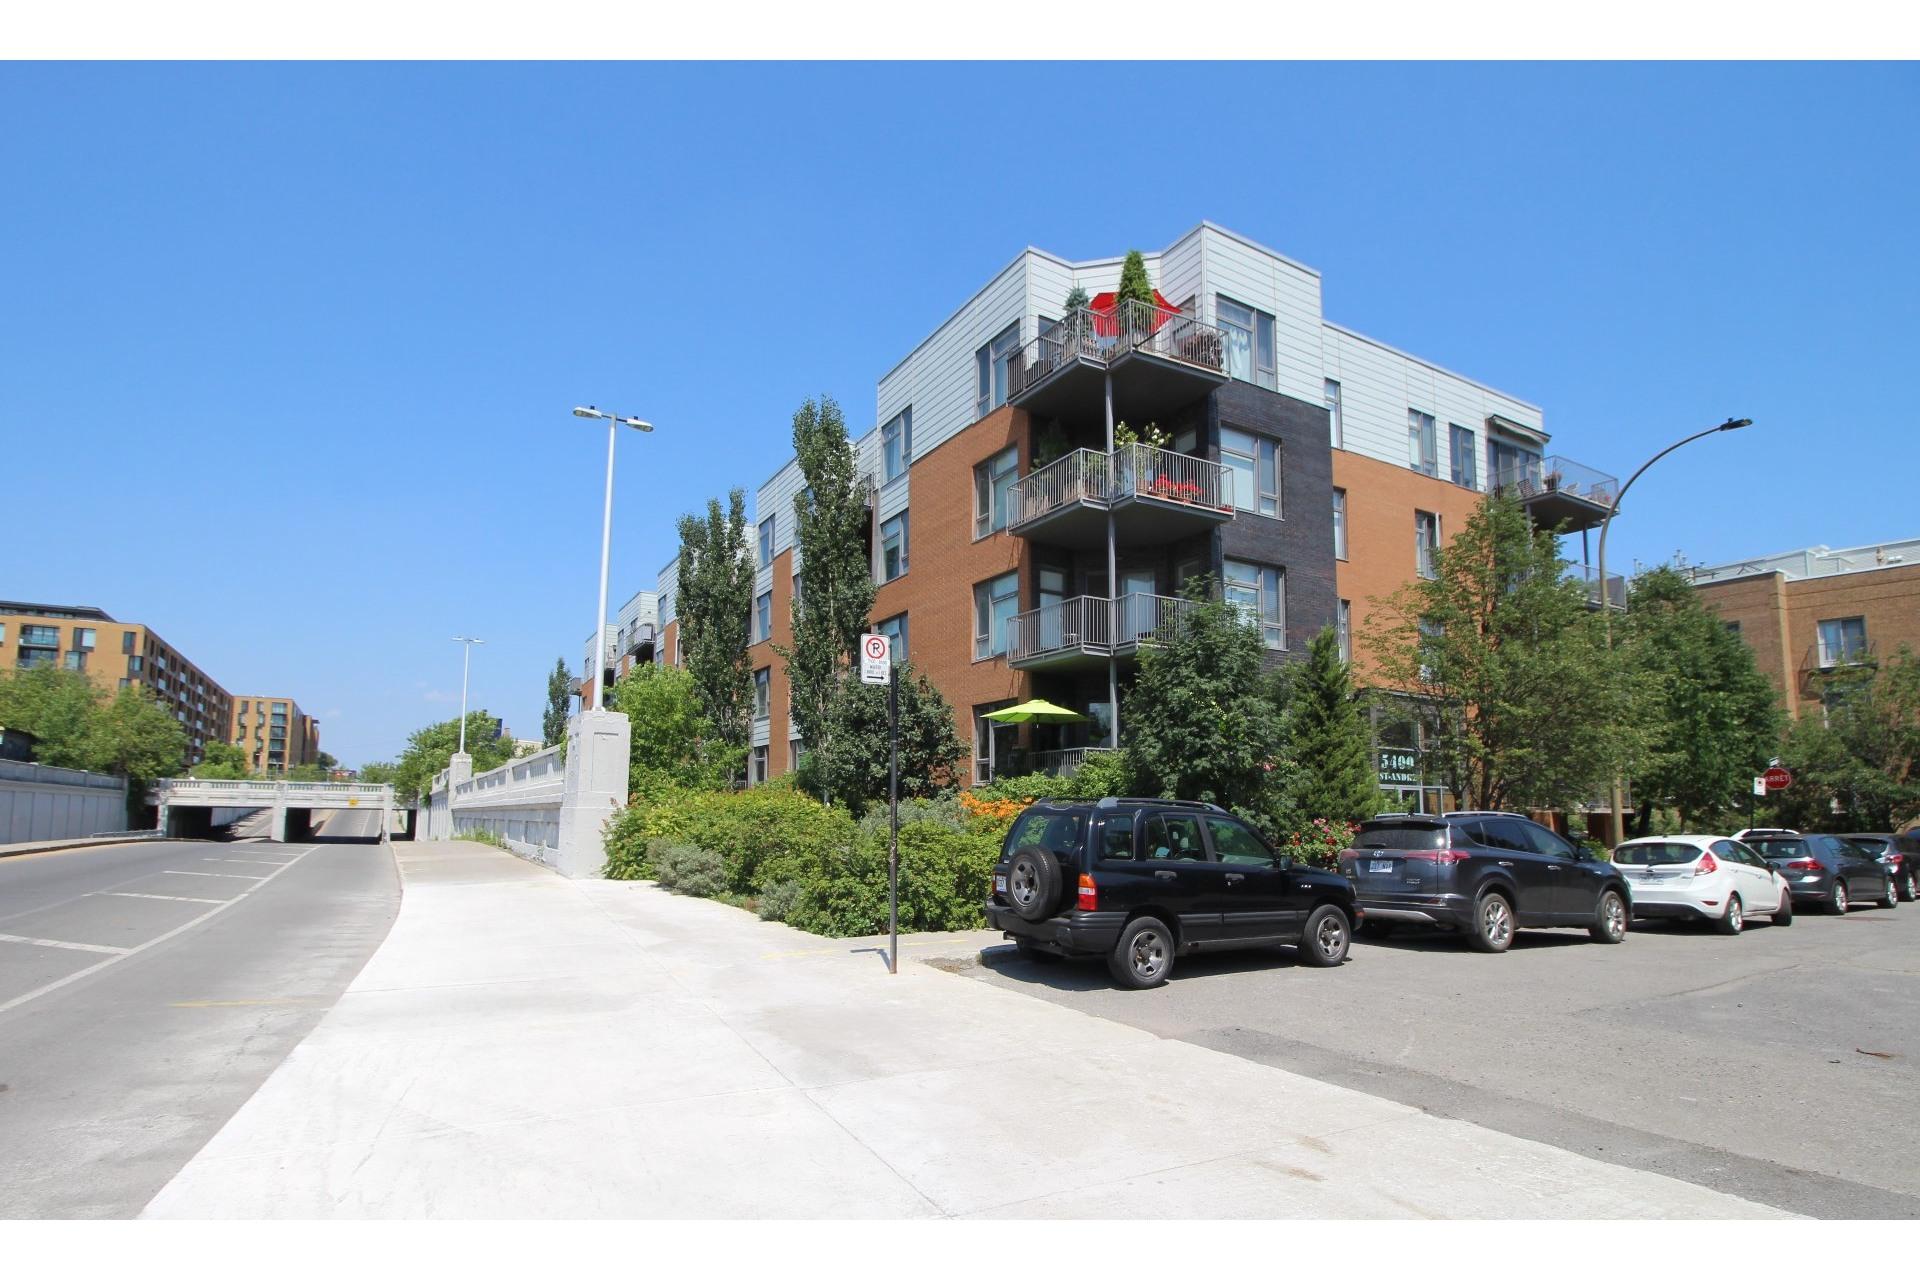 image 18 - Appartement À vendre Le Plateau-Mont-Royal Montréal  - 3 pièces